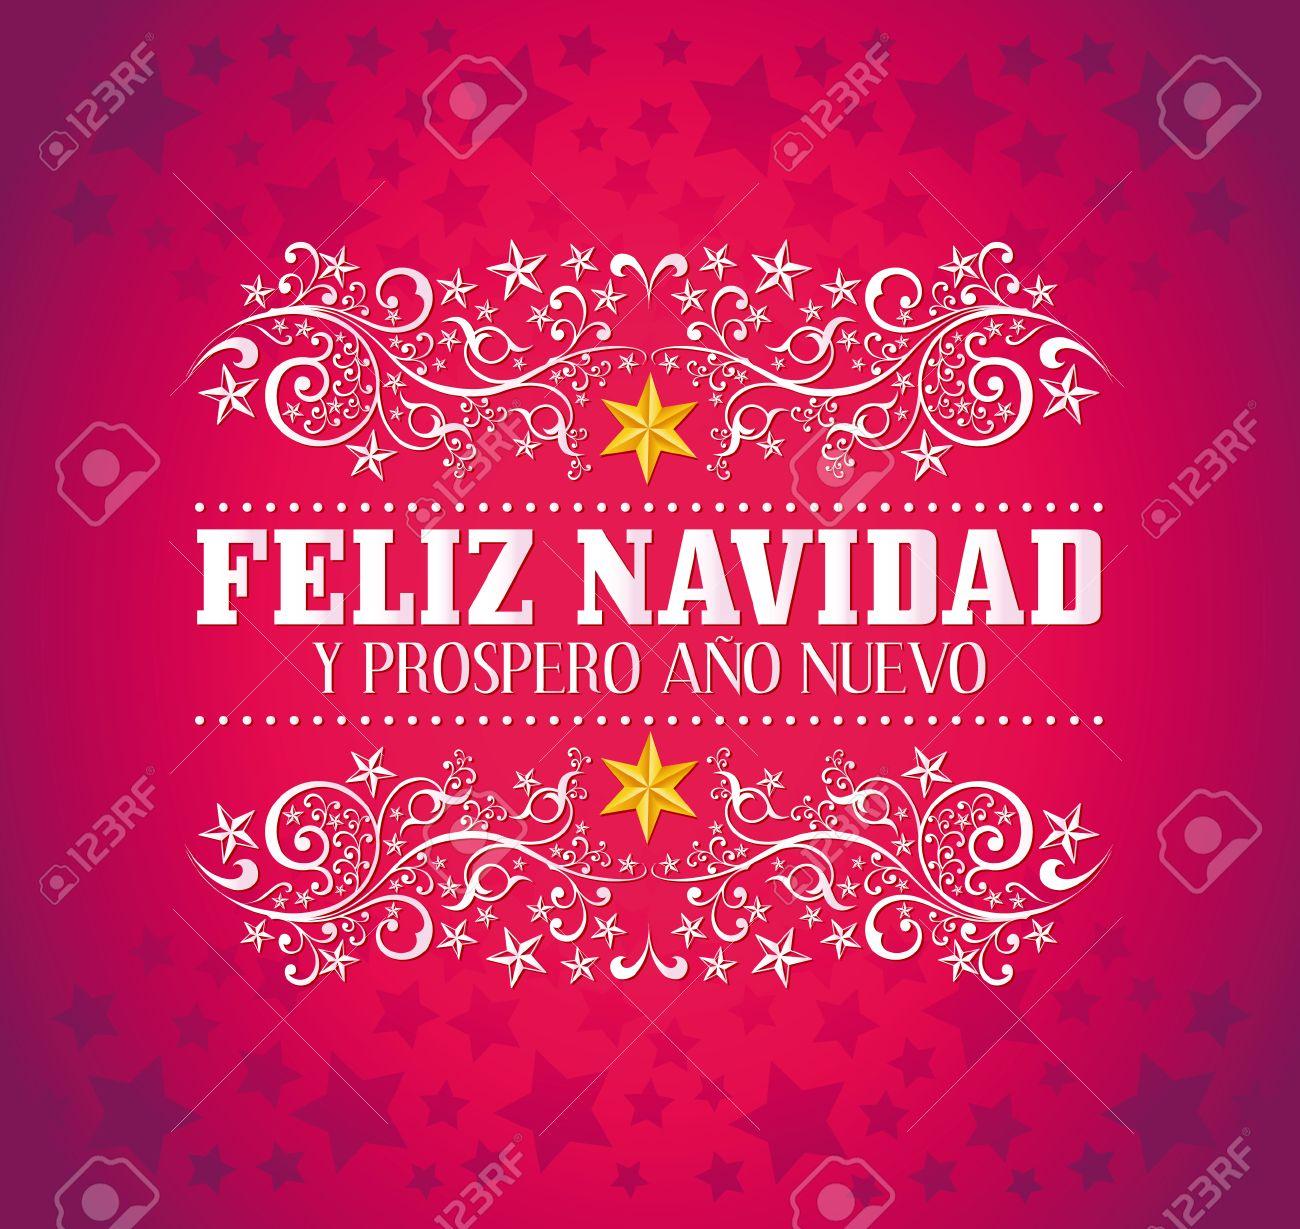 Feliz Navidad Y Prospero Ano Nuevo - Merry Christmas And Happy ...